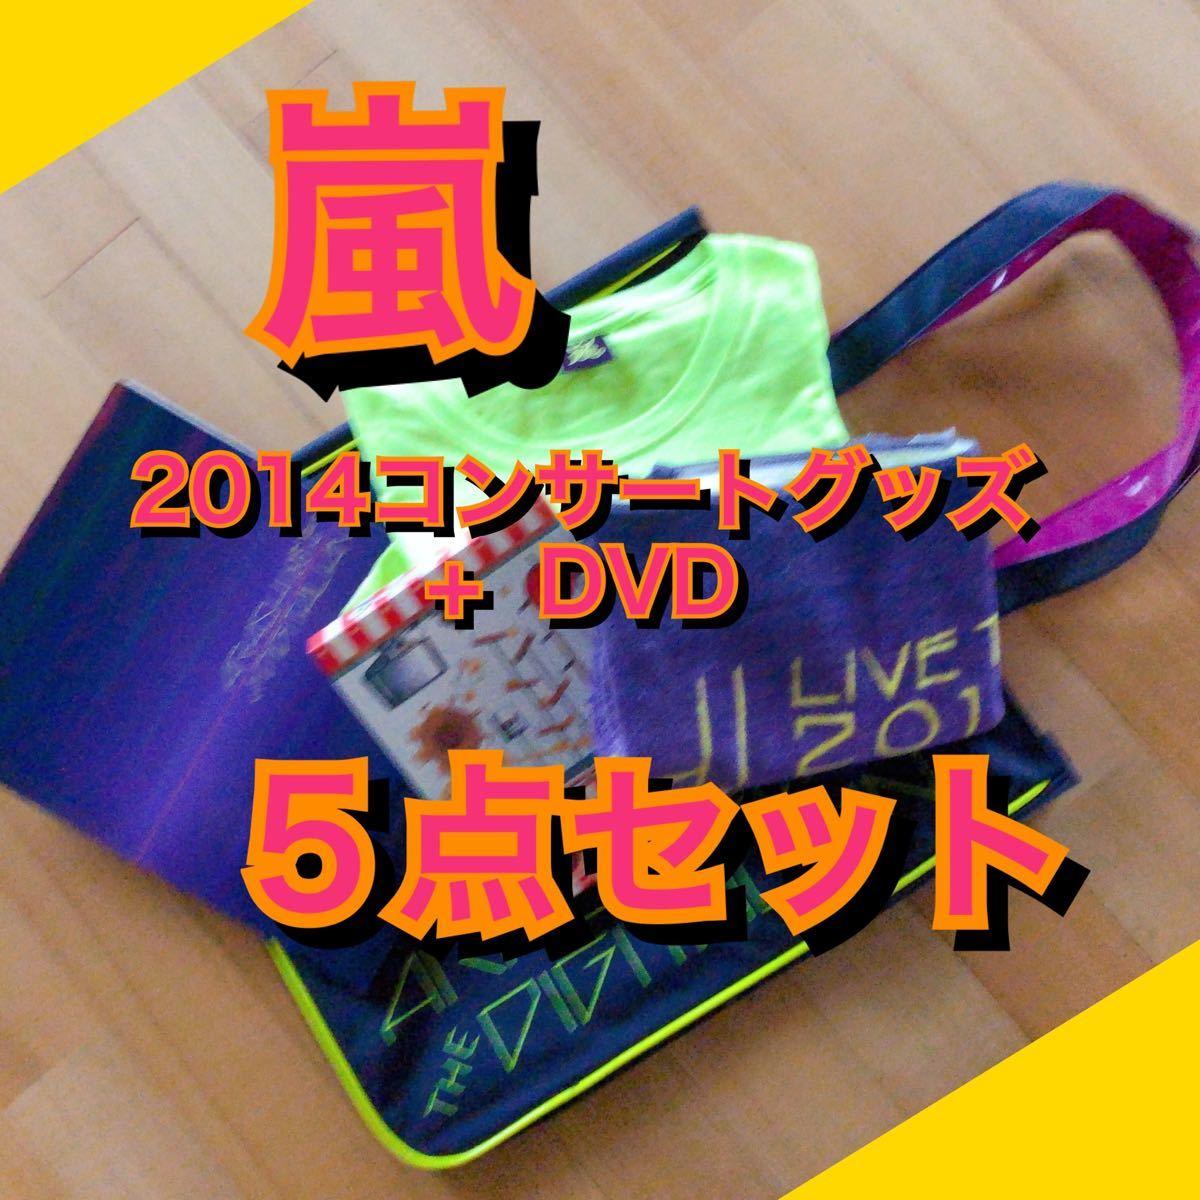 嵐2014コンサートツアーグッズ、DVD